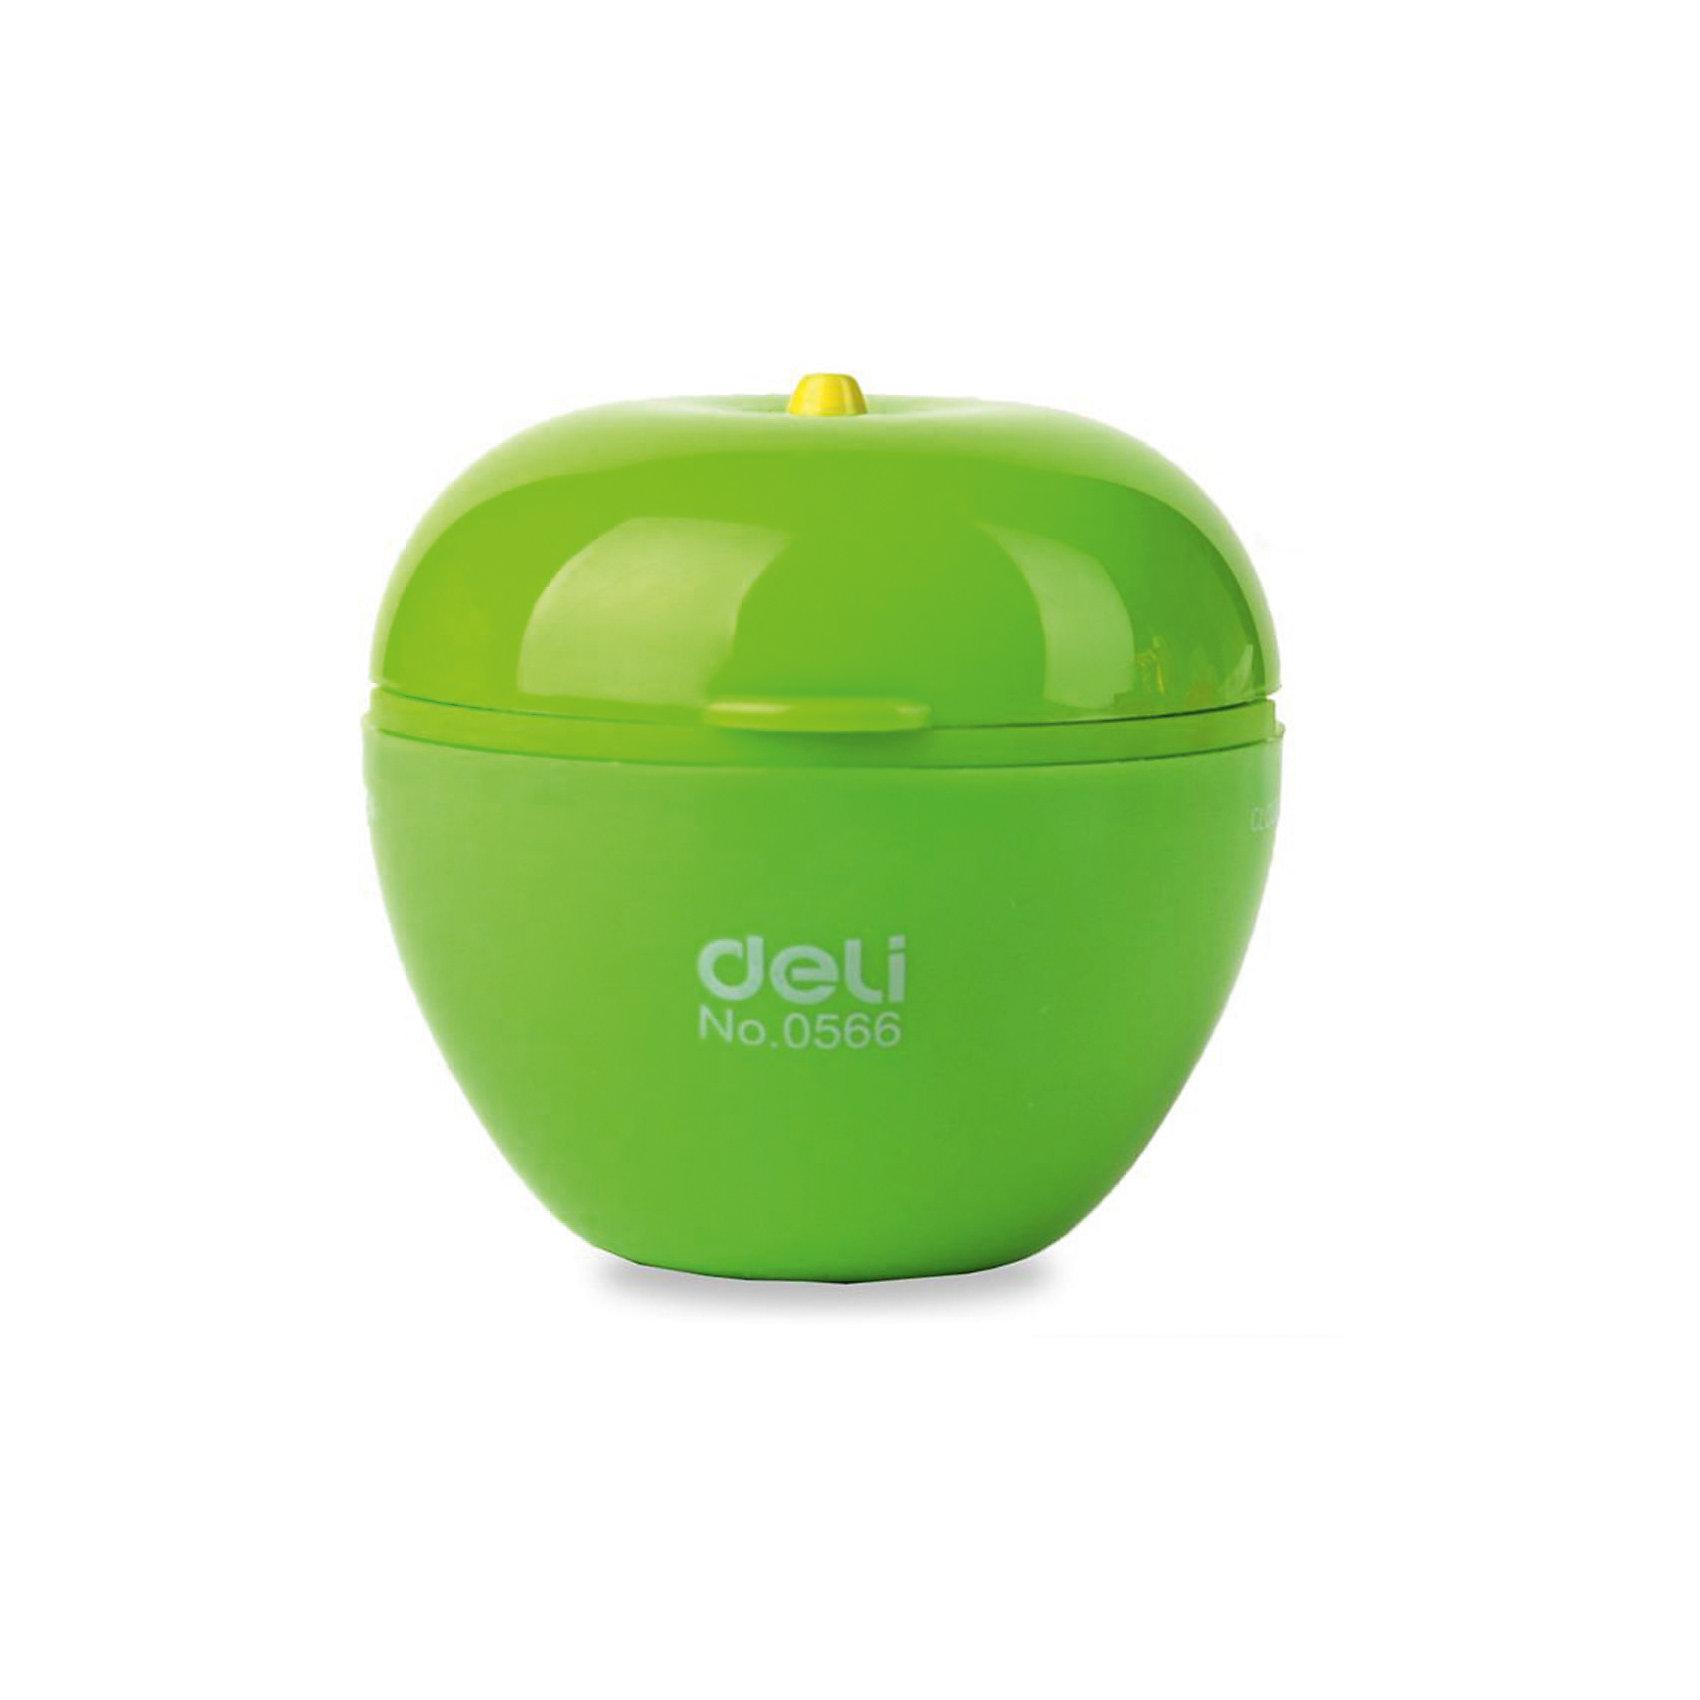 Deli Точилка для карандашей Яблоко, 2 отверстия, цвета в ассортименте.Письменные принадлежности<br>Точилка в форме яблока с двумя отверстиями для заточки карандашей и восковых мелков диаметром 7-12 мм. Экстра-острое лезвие обеспечивает плавную заточку и предотвращает поломку грифеля.<br><br>Ширина мм: 47<br>Глубина мм: 47<br>Высота мм: 45<br>Вес г: 15<br>Возраст от месяцев: 36<br>Возраст до месяцев: 2147483647<br>Пол: Унисекс<br>Возраст: Детский<br>SKU: 6725457